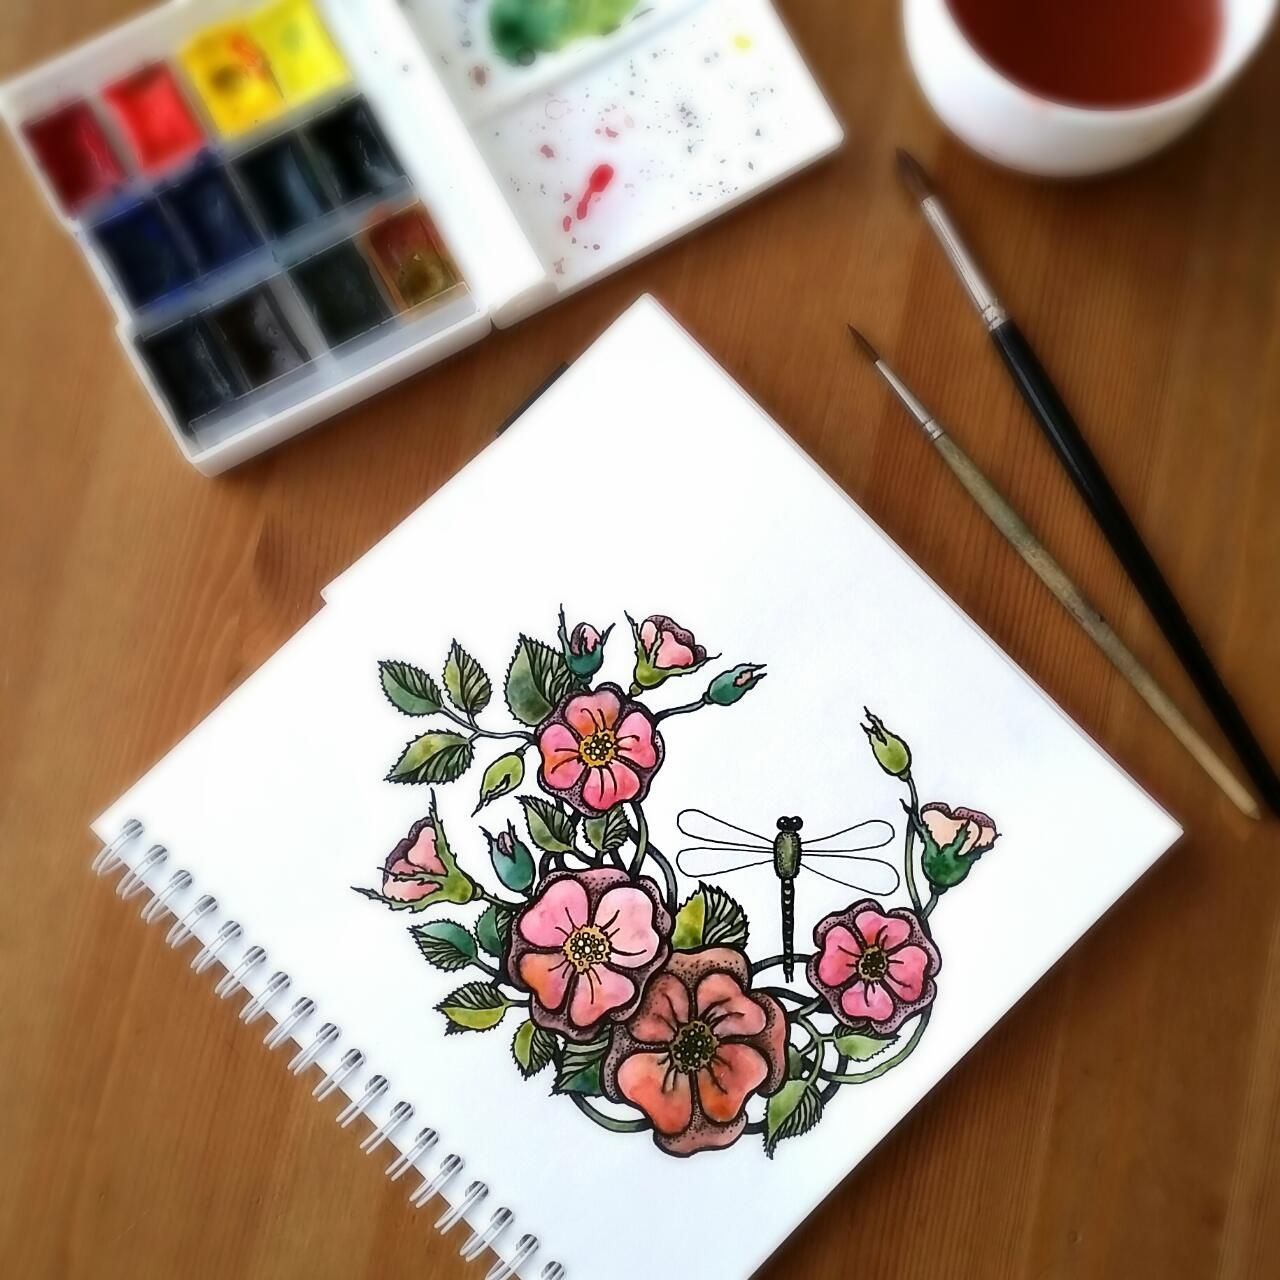 Цветущий шиповник | Рисунок пера, Чайные розы, Цветы  Цветочки Розы